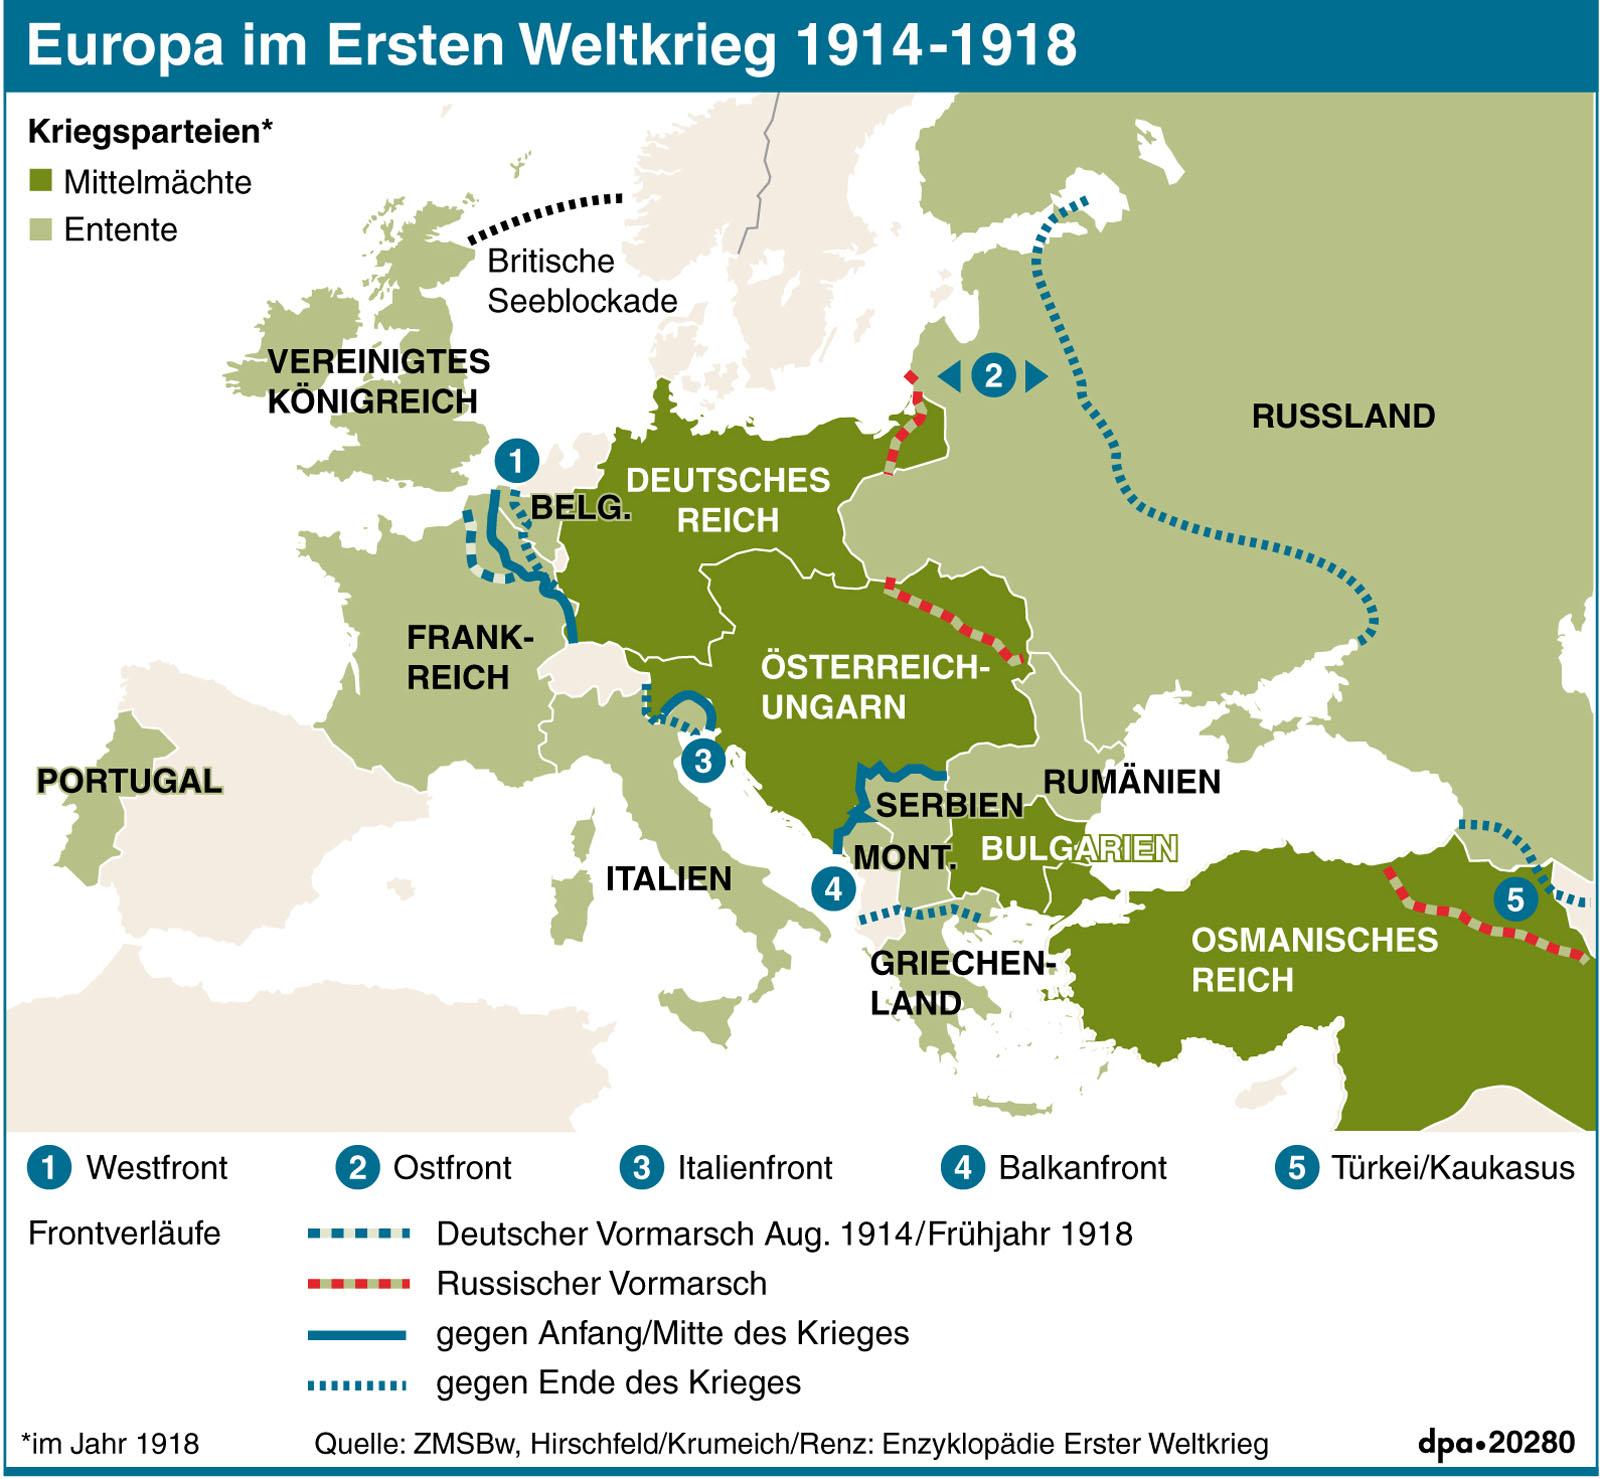 Deutsche Karte Vor Dem 1 Weltkrieg.British Pathe Archiv 90000 Geschichtsvideos Online Abrufbar